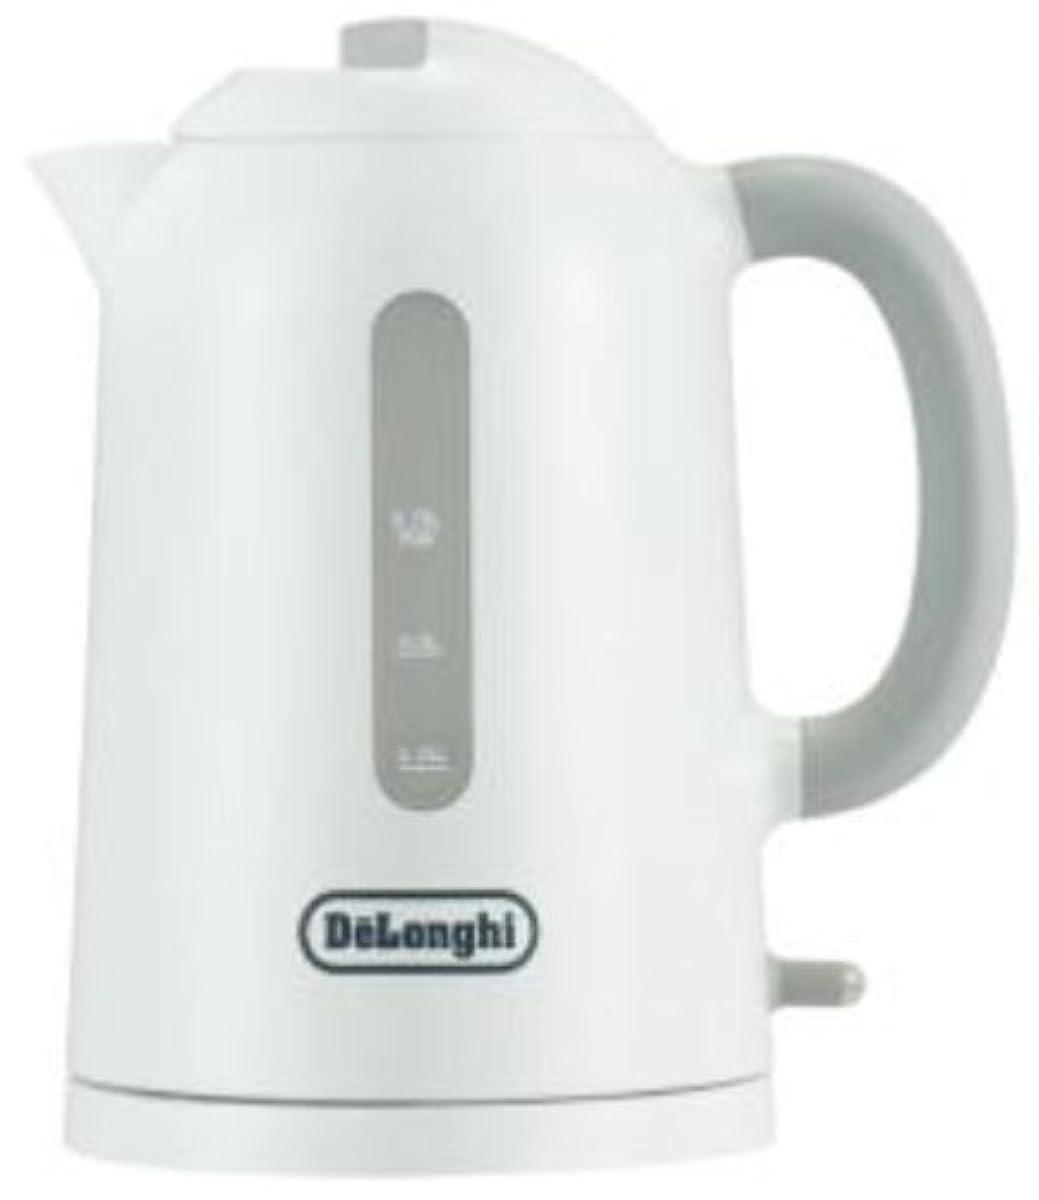 [해외] DELONGHI 【TRUE】 전기 주전자(케틀.kettle) 0.75L 화이트 JKP240J